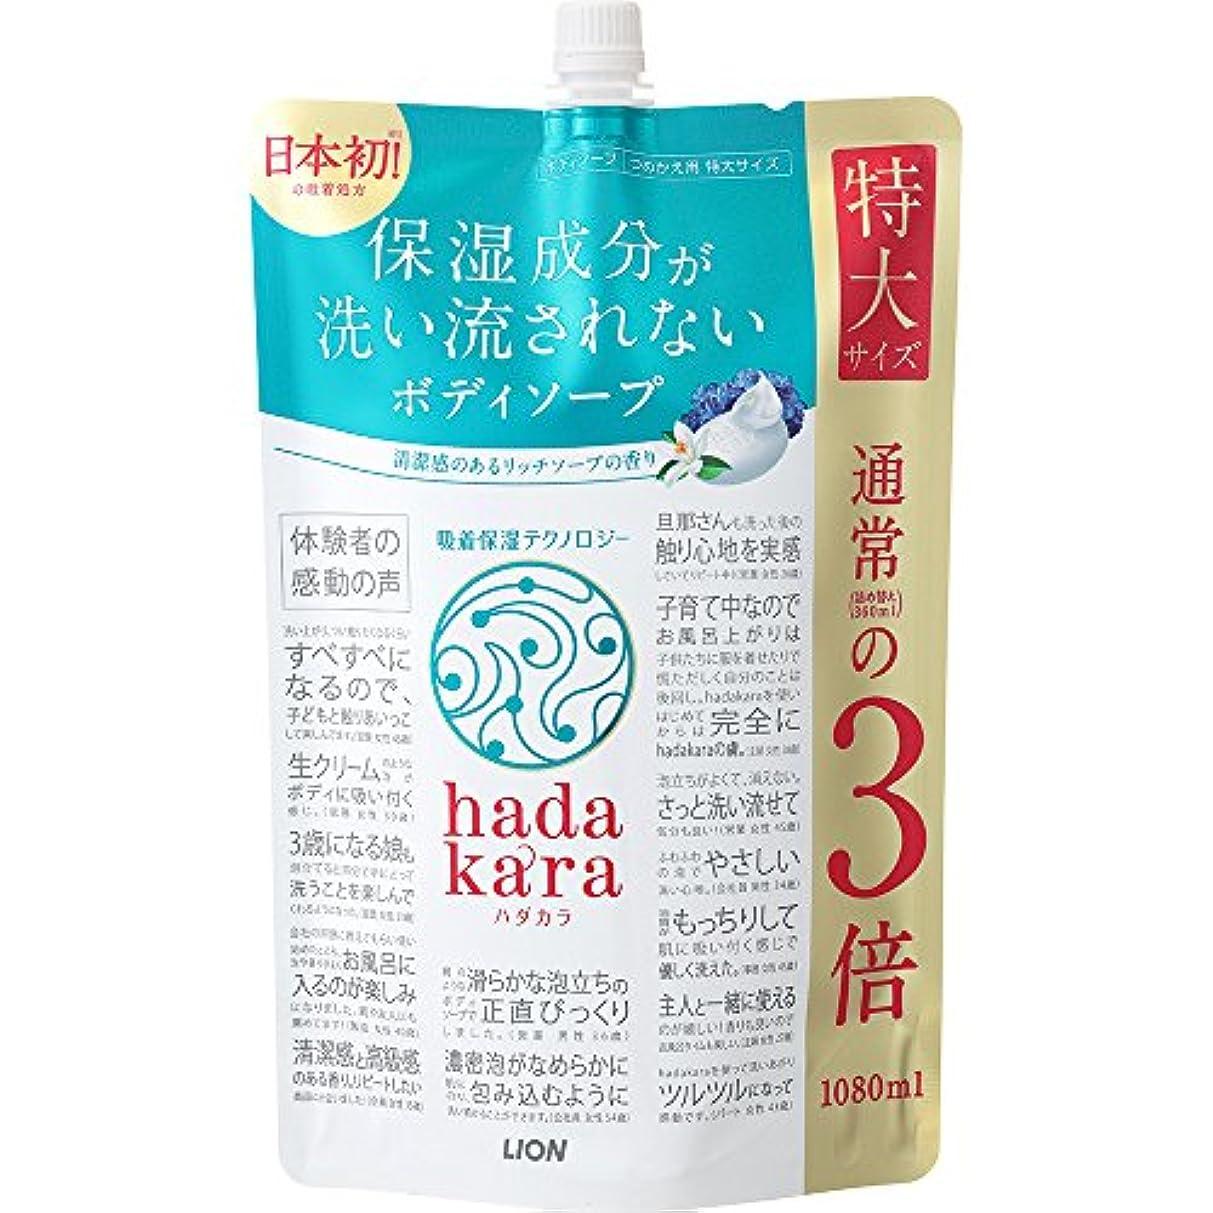 ハチ胆嚢メディカル【大容量】hadakara(ハダカラ) ボディソープ リッチソープの香り 詰め替え 特大 1080ml